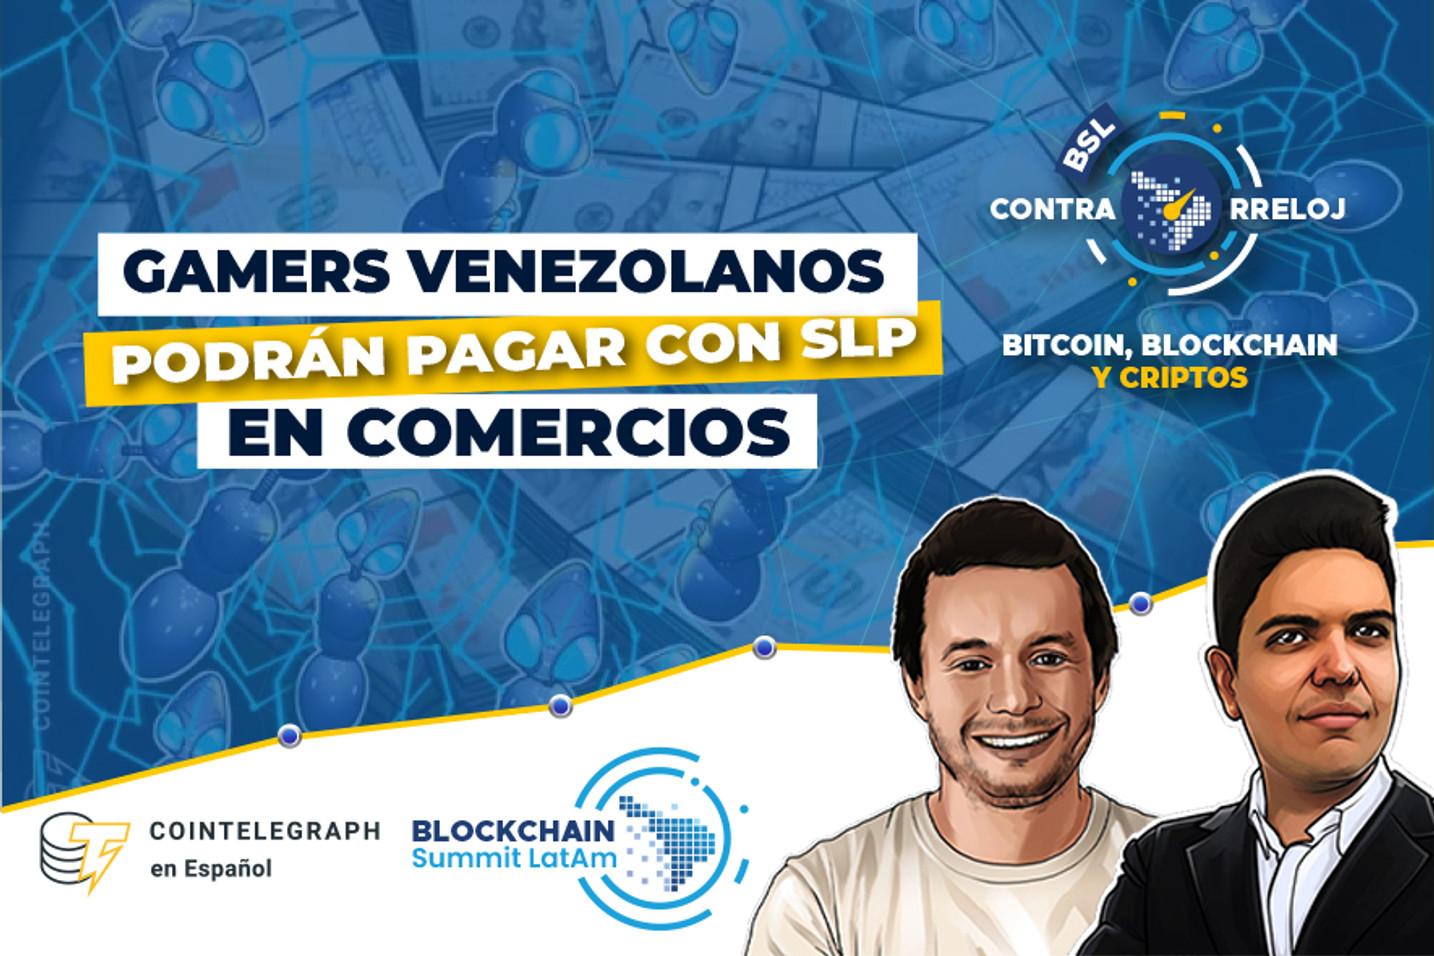 Axie Infinity como forma de pago en Venezuela, ADA y ETH subiendo, Bitcoin en Twitter y mucho más. Un resumen de las criptonoticias más importantes de la semana